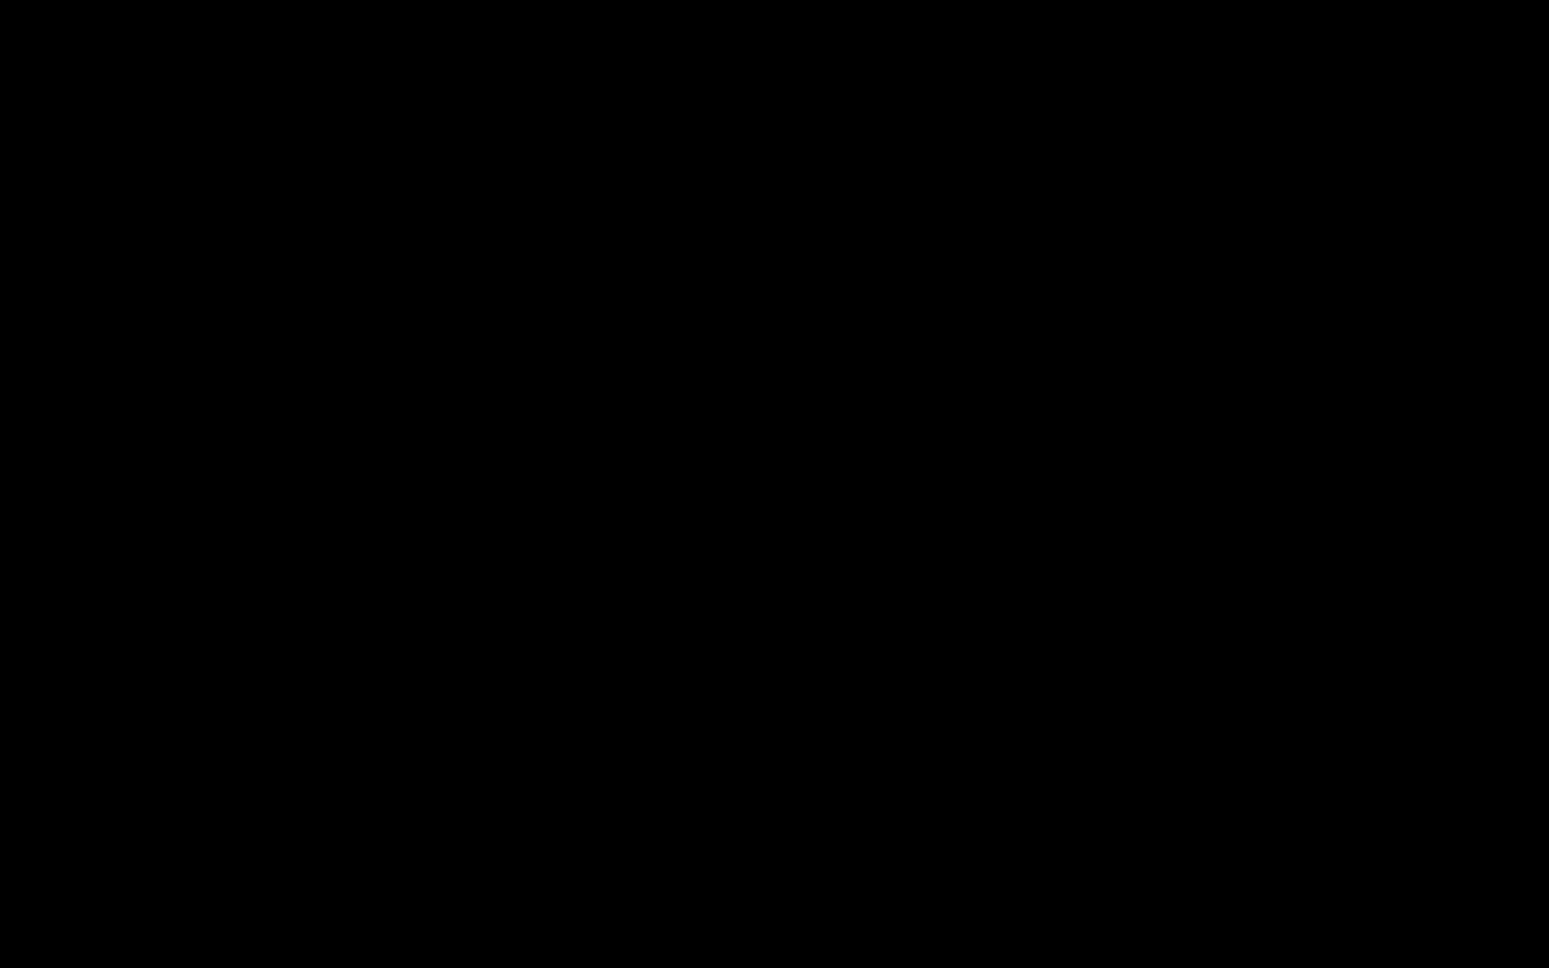 FlyEquant _ La Cartoixa d'Escala Dei